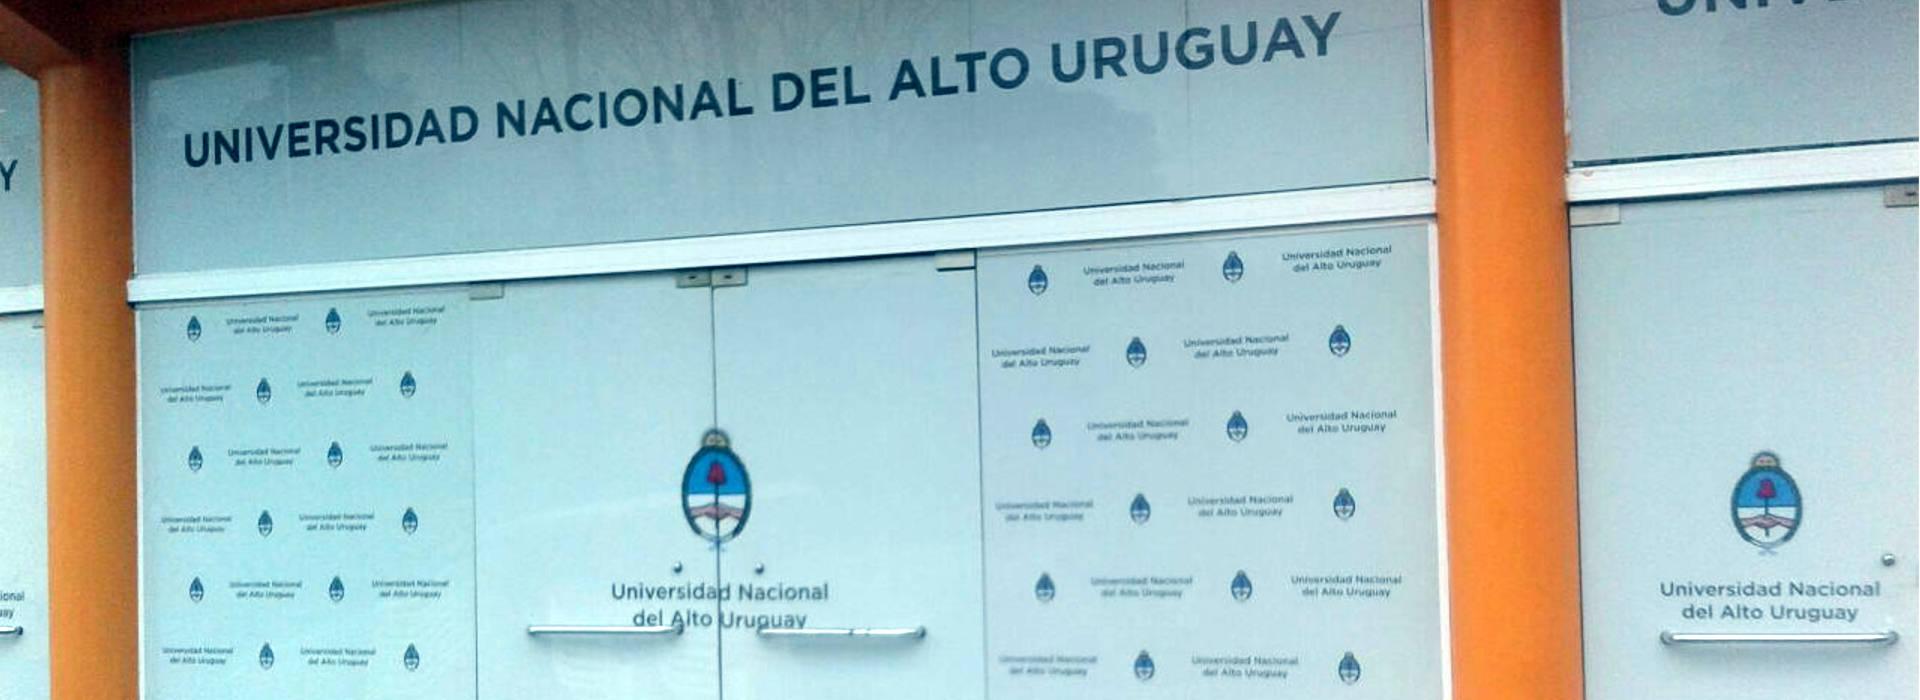 Se aprobó el Estatuto de la Universidad Nacional del Alto Uruguay